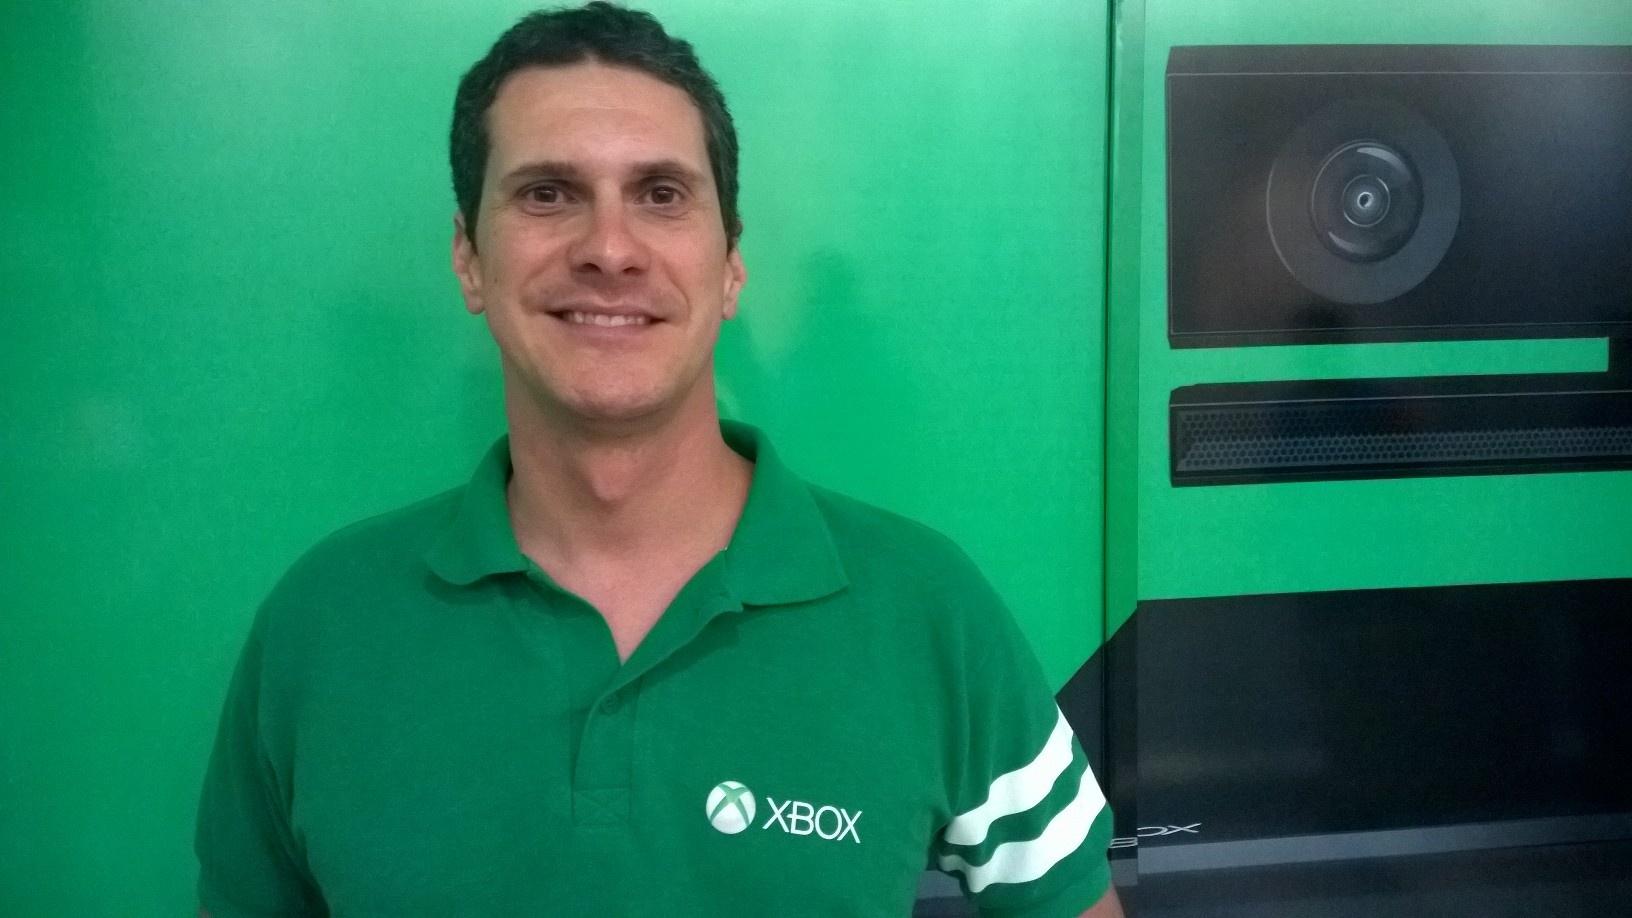 Nossa plataforma é a mais comprada no mercado Brasileiro, diz gerente geral do Xbox no País Wp-20150227-16-00-23-pro_9729